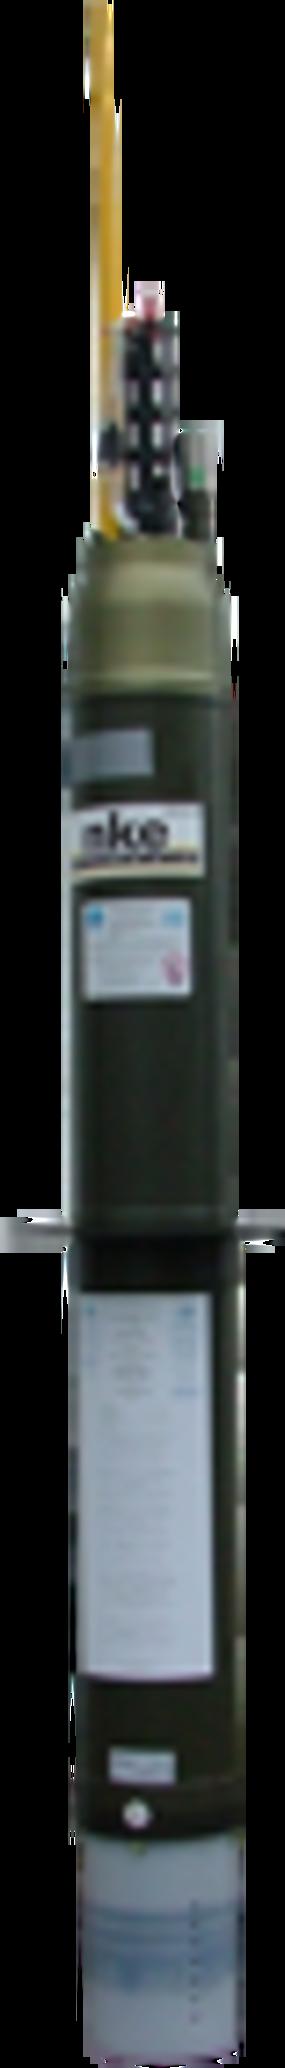 Flotteur Argo avec capteur oxygène